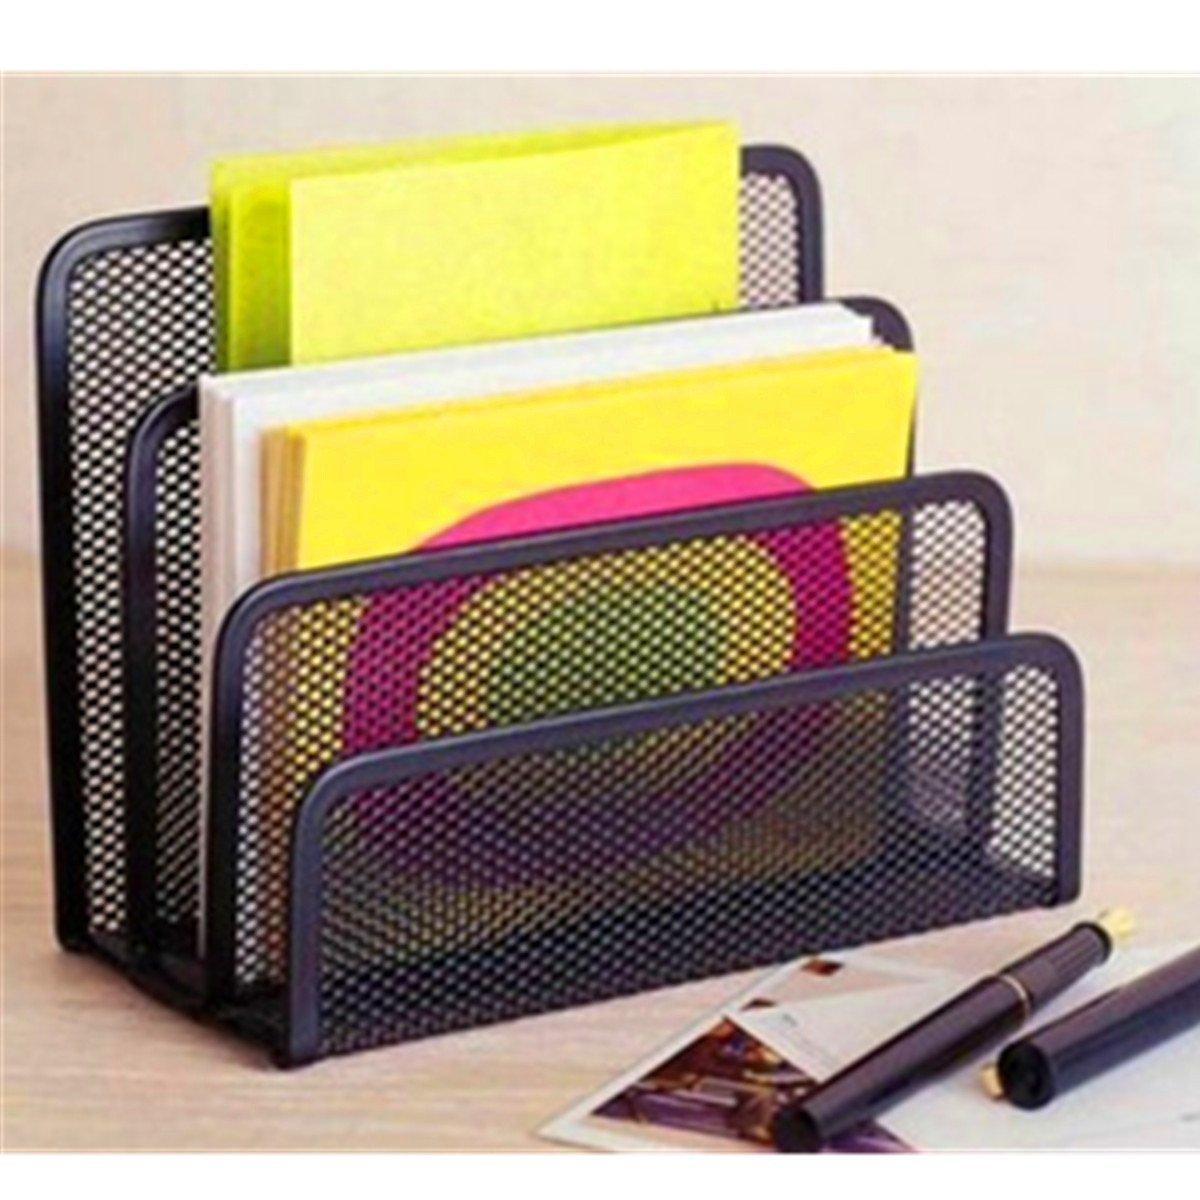 Black Office Barbed Wire Three-letter File Format Books Notepad Holder // Alambre de púas negro oficina titular libros de formato de archivo de notas de tres letras